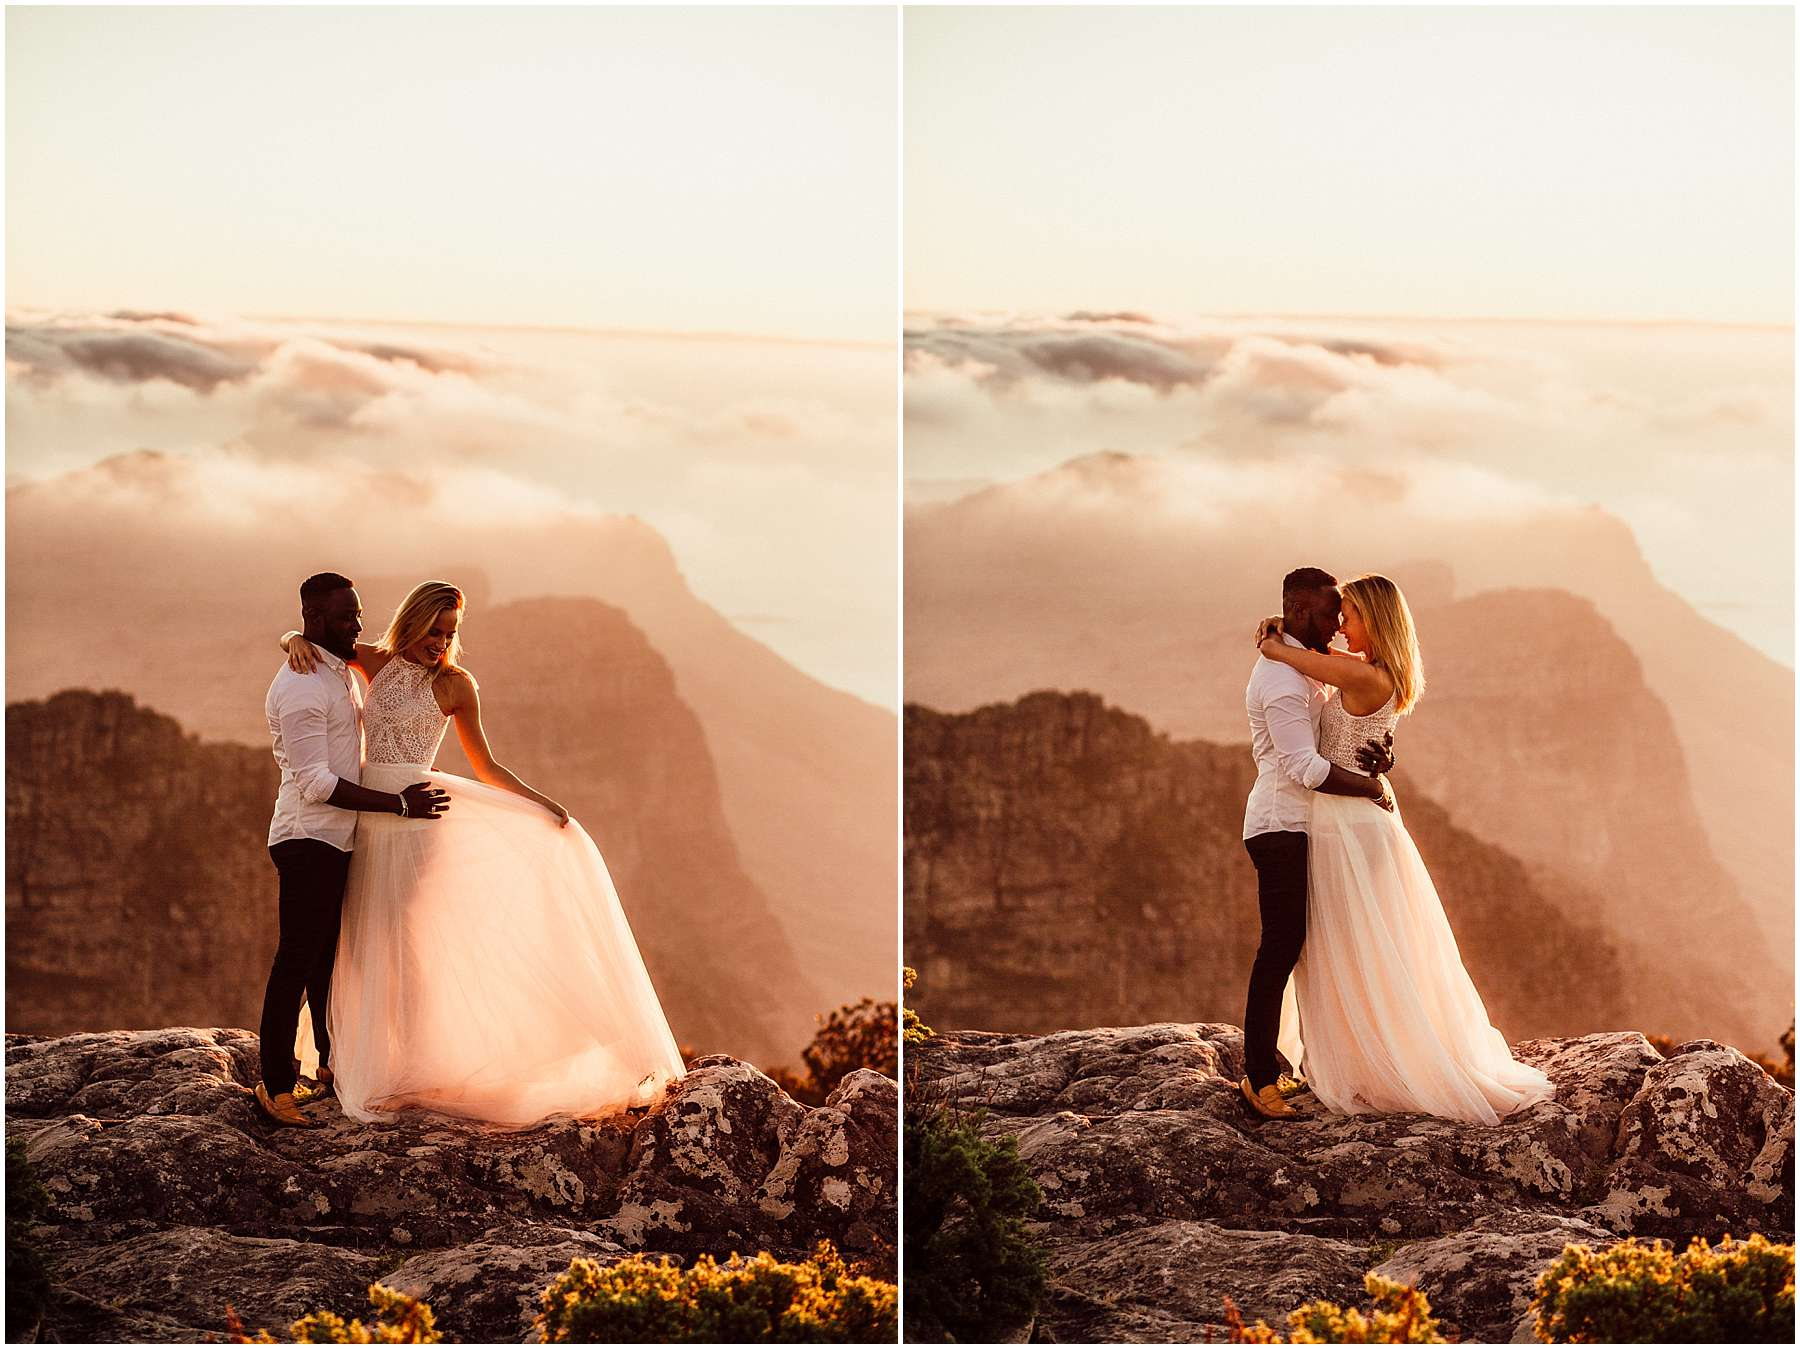 LOTTYH-South-Africa-Elopement-Photographer_0030.jpg